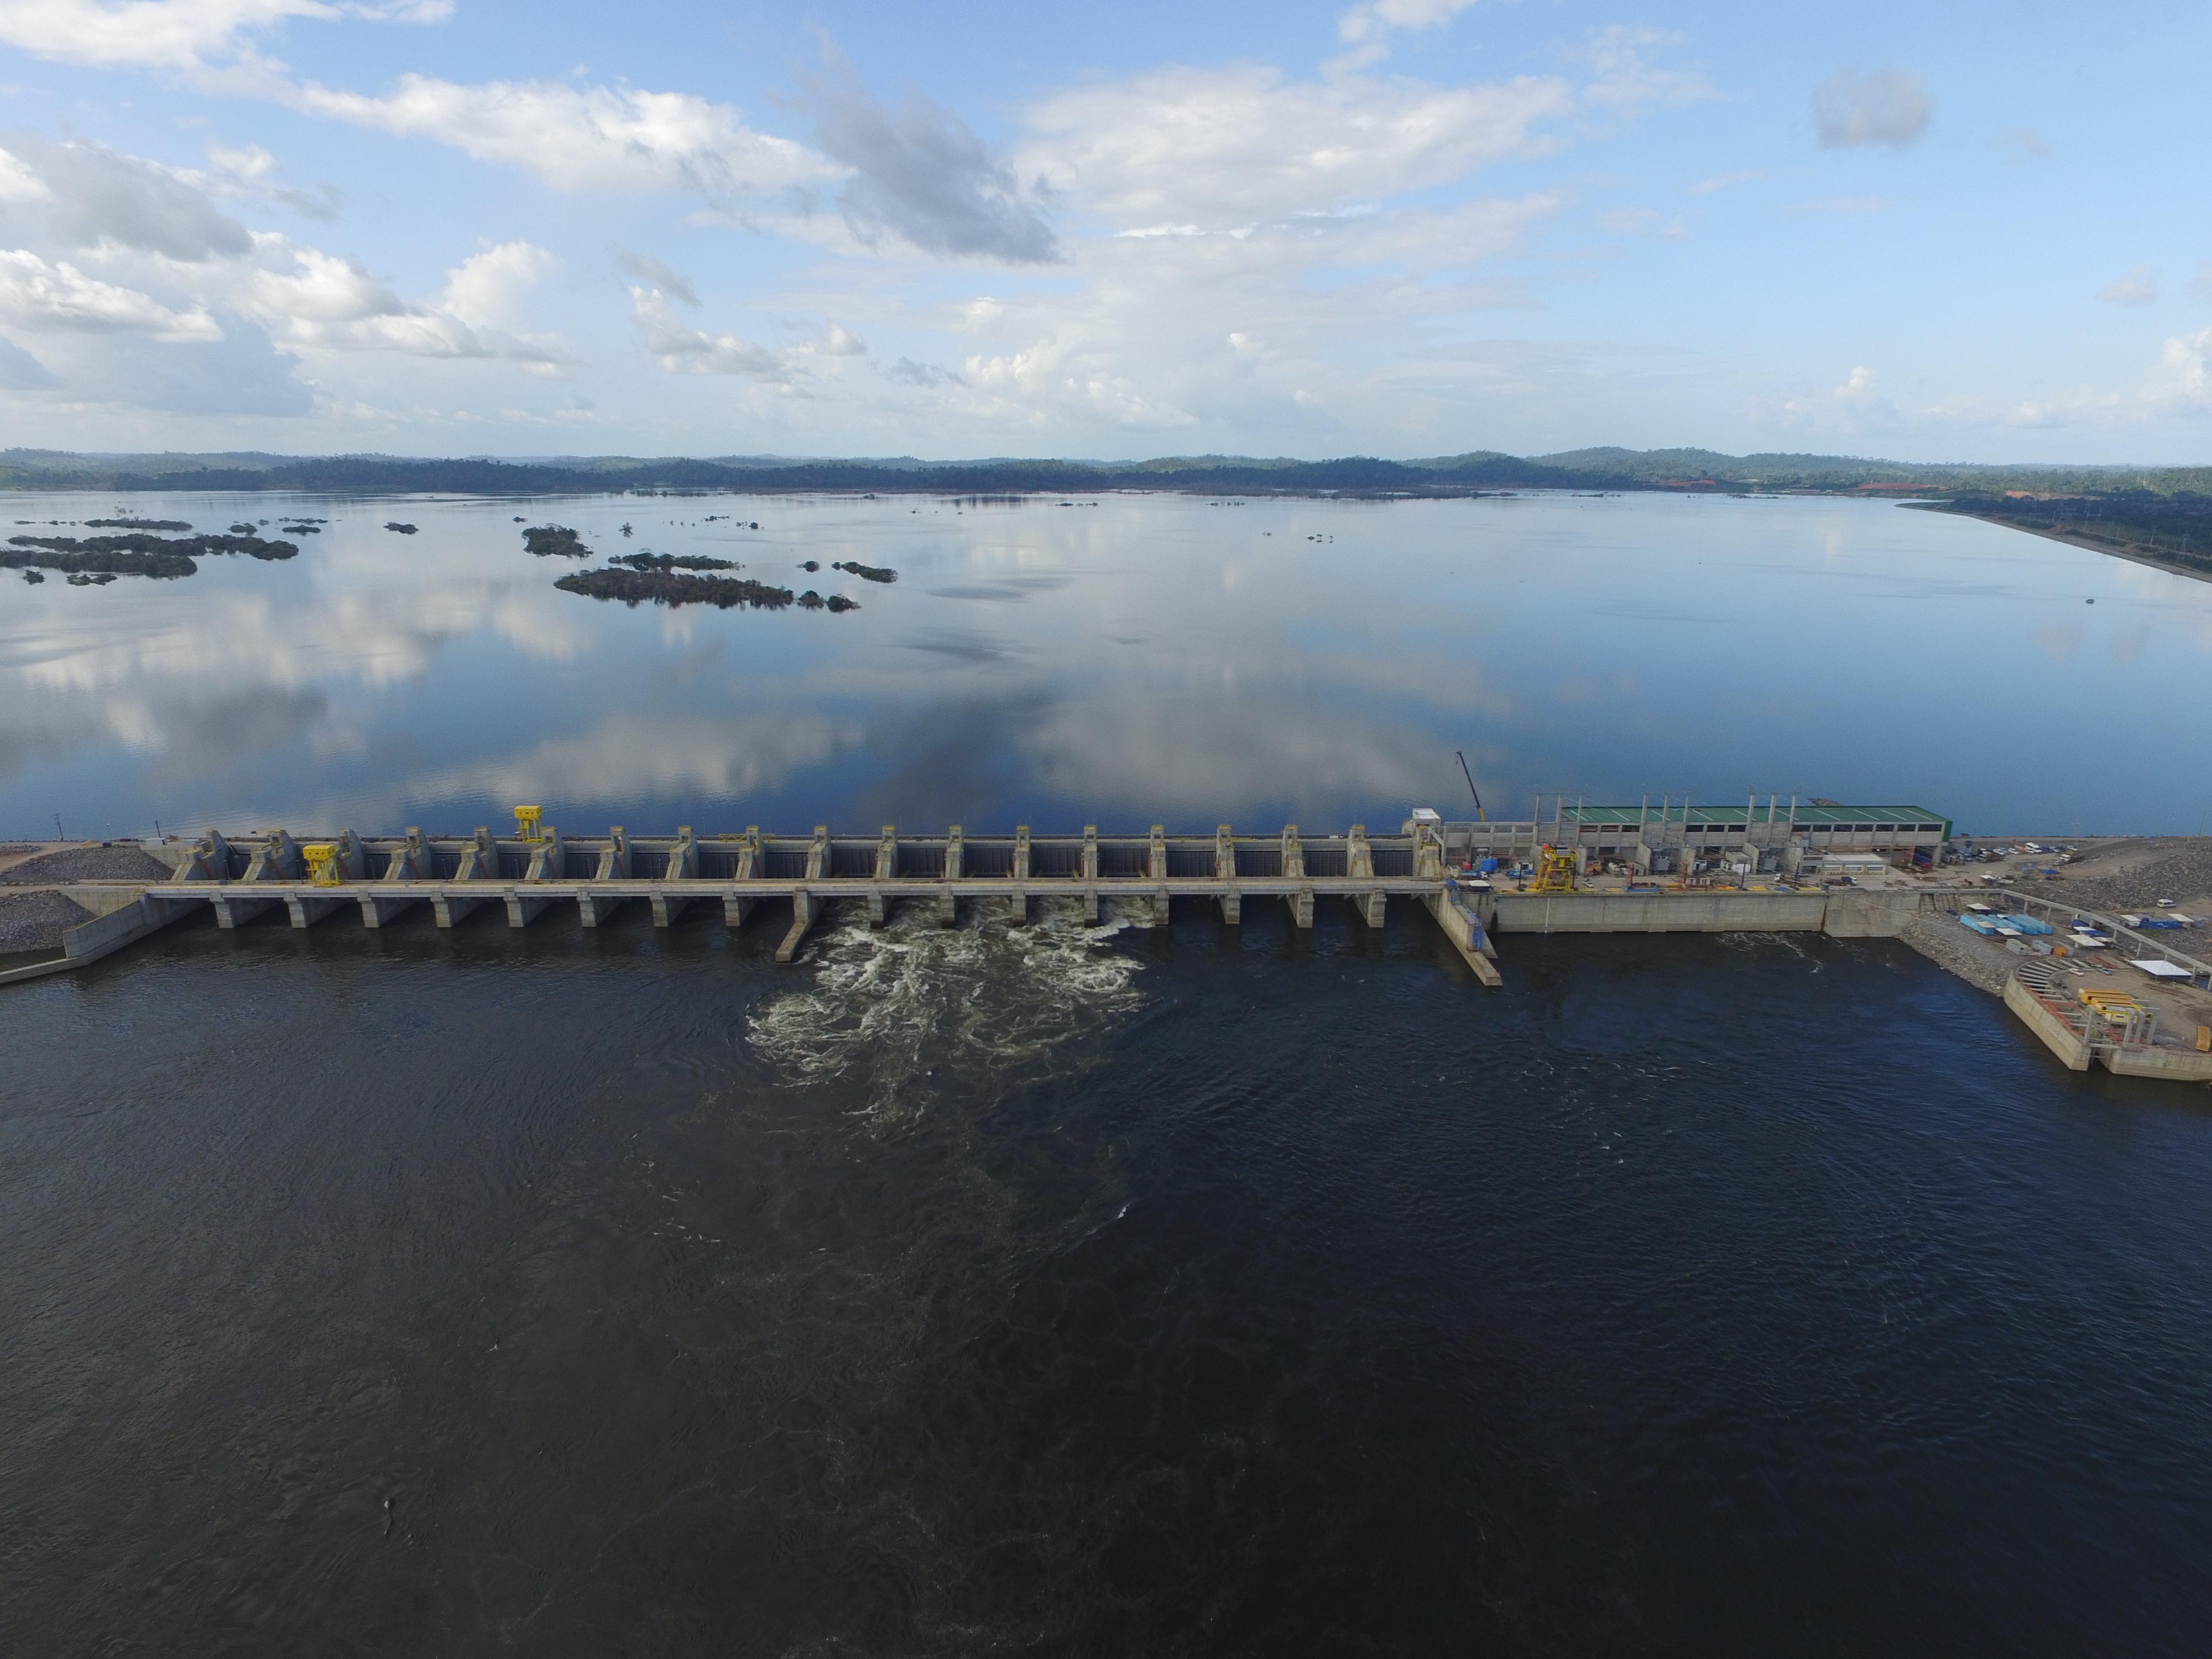 Belo Monte: Lições da Luta 15 – Dilma cria crise diplomática por violar convenção internacional